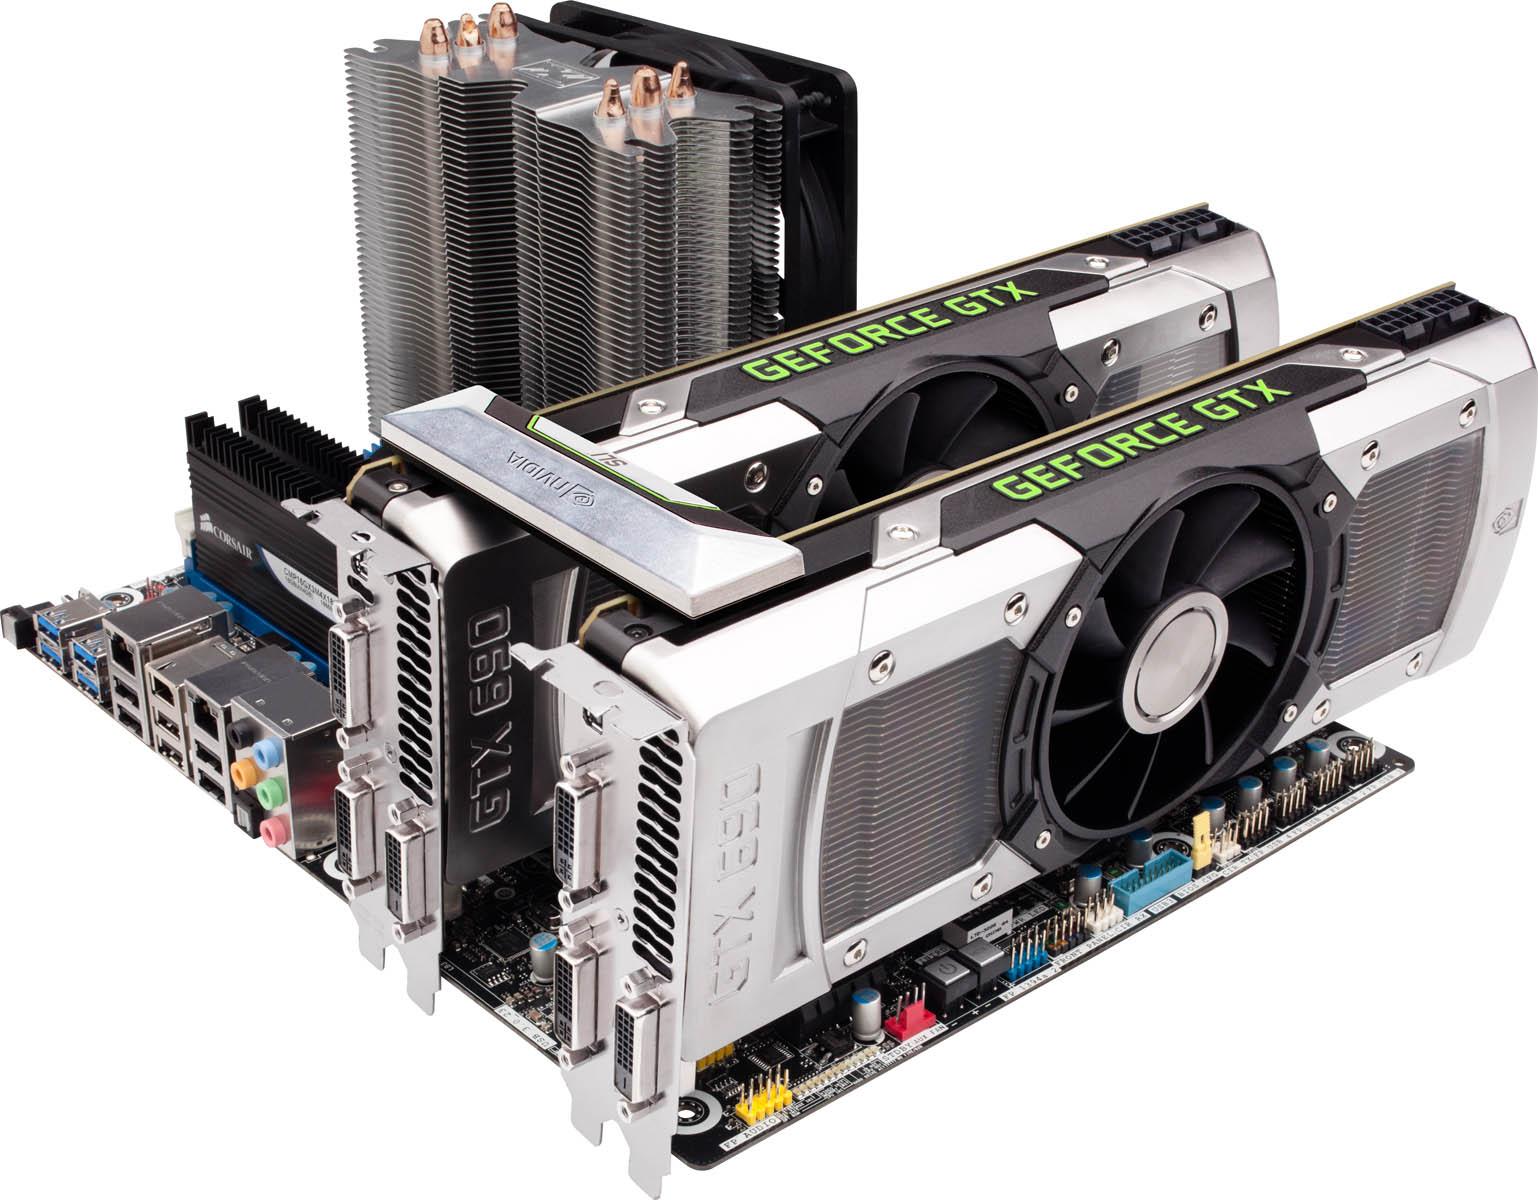 Nvidia představila grafickou kartu GeForce GTX 690 64428